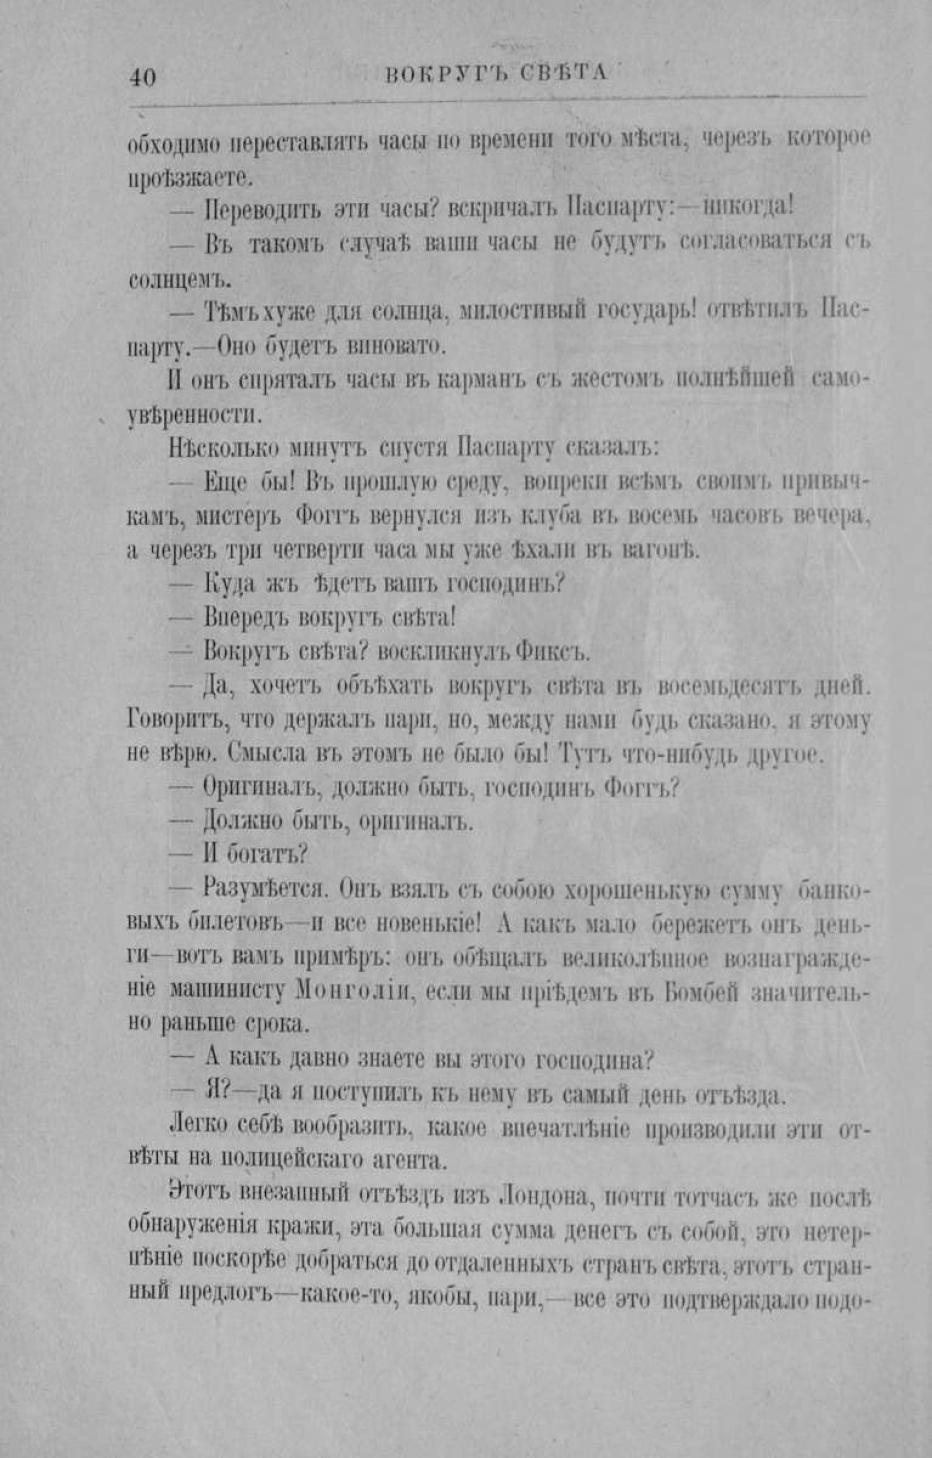 http://images.vfl.ru/ii/1406828076/0d0fd5d0/5860812.jpg